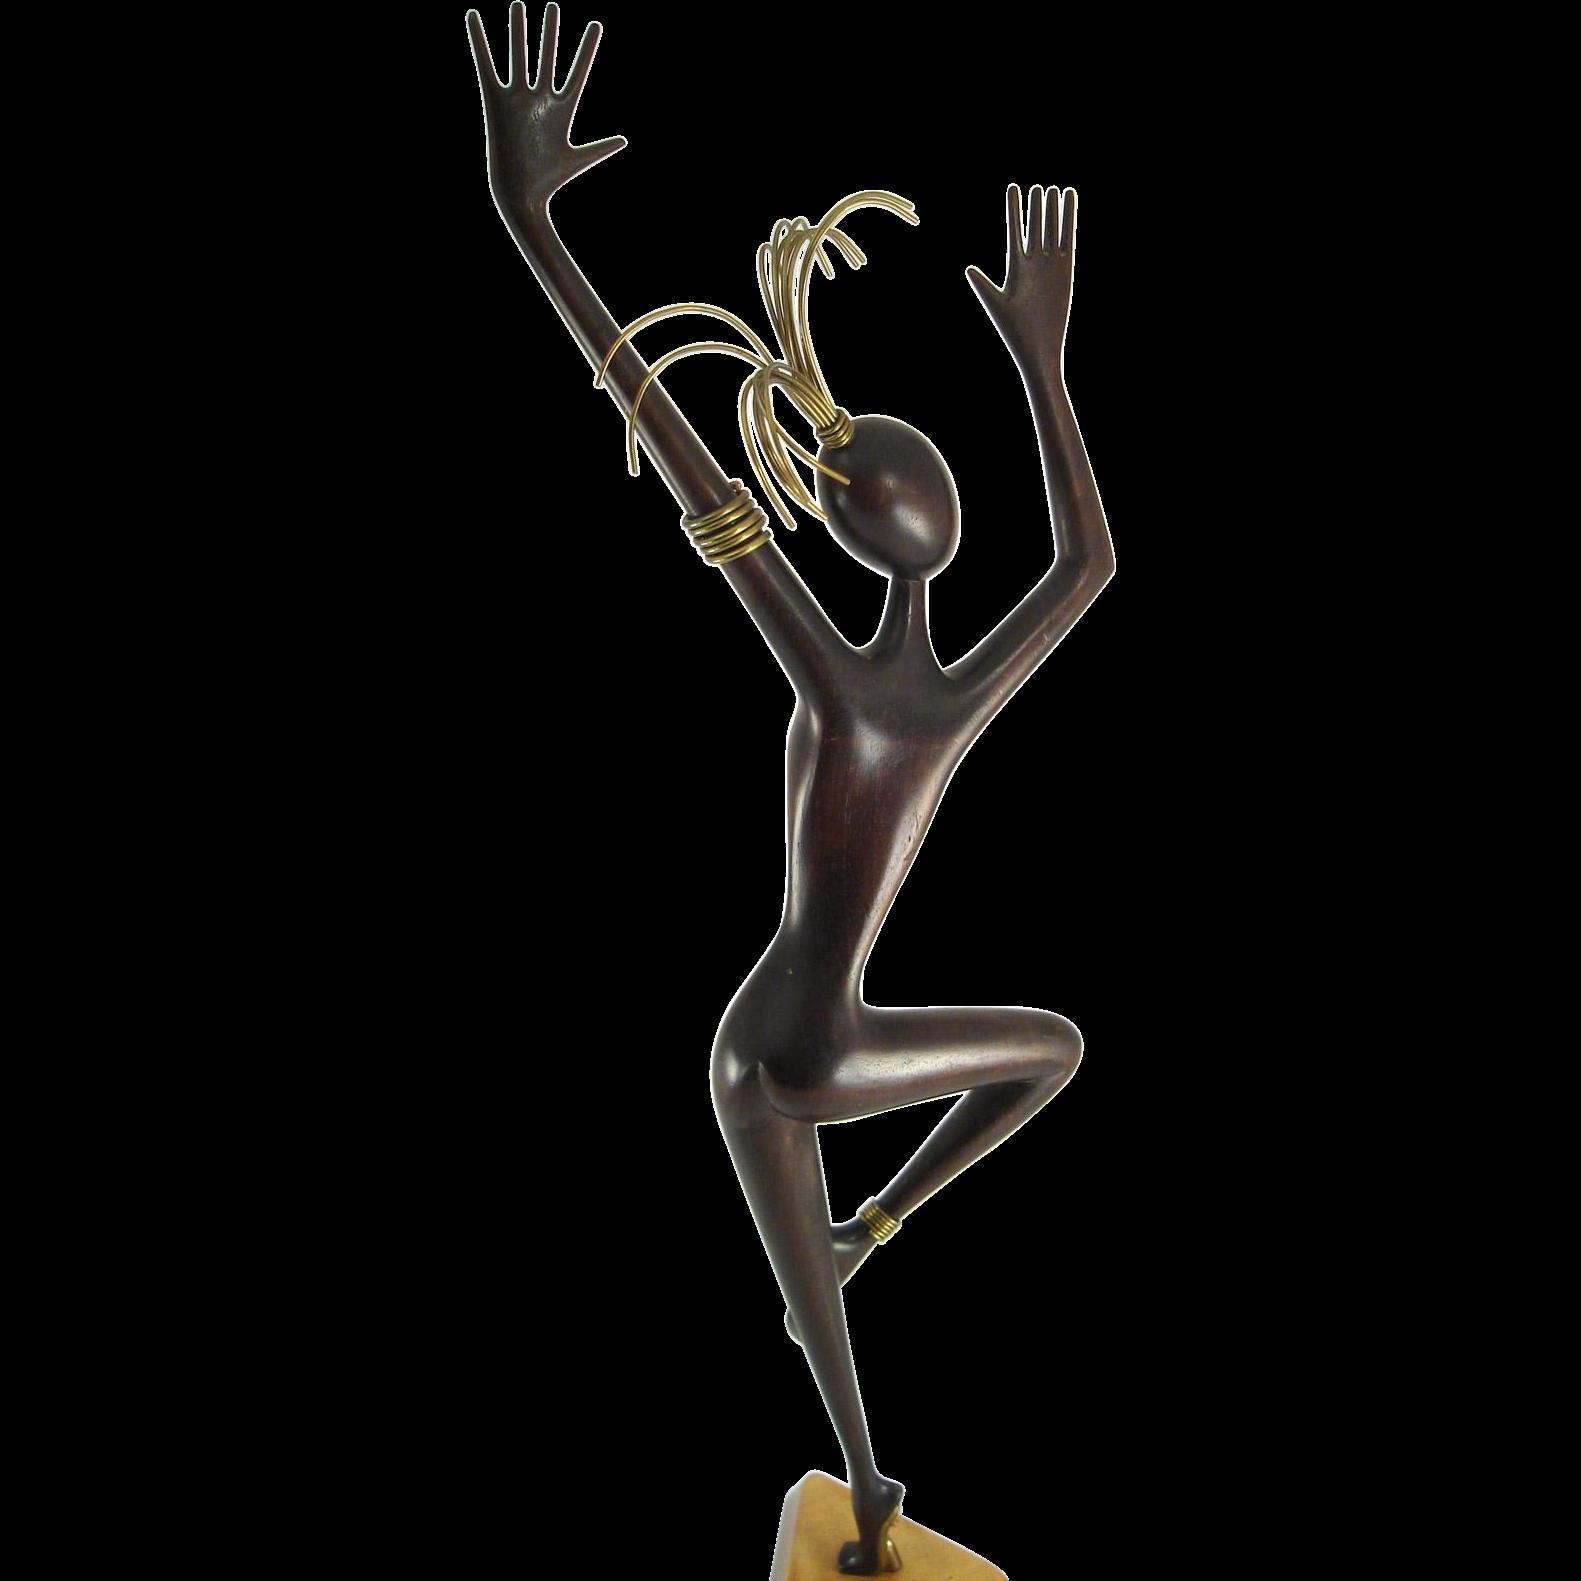 African Nude Dancing 47